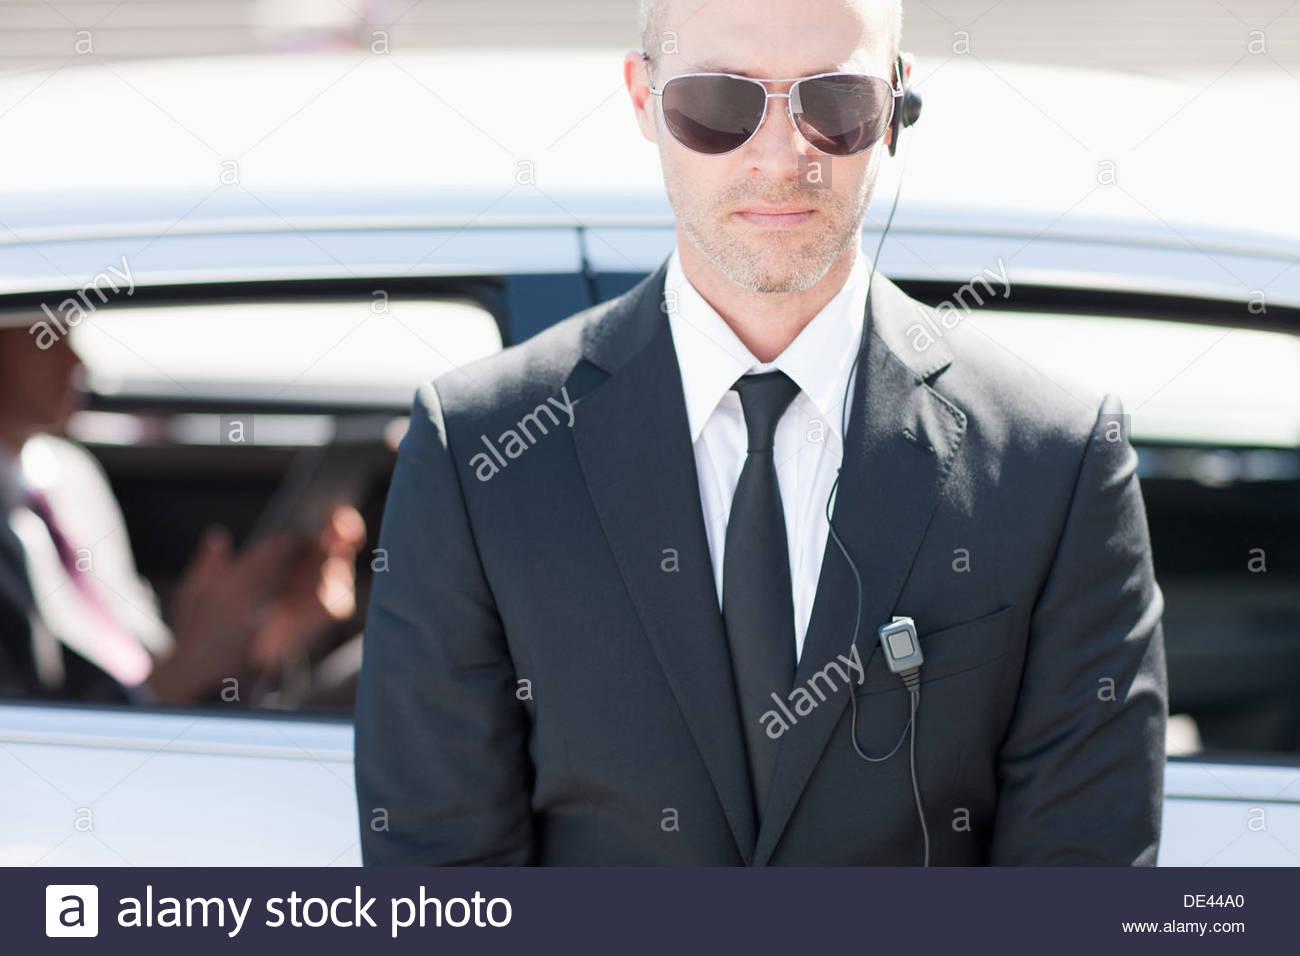 Bodyguard wearing earpiece - Stock Image